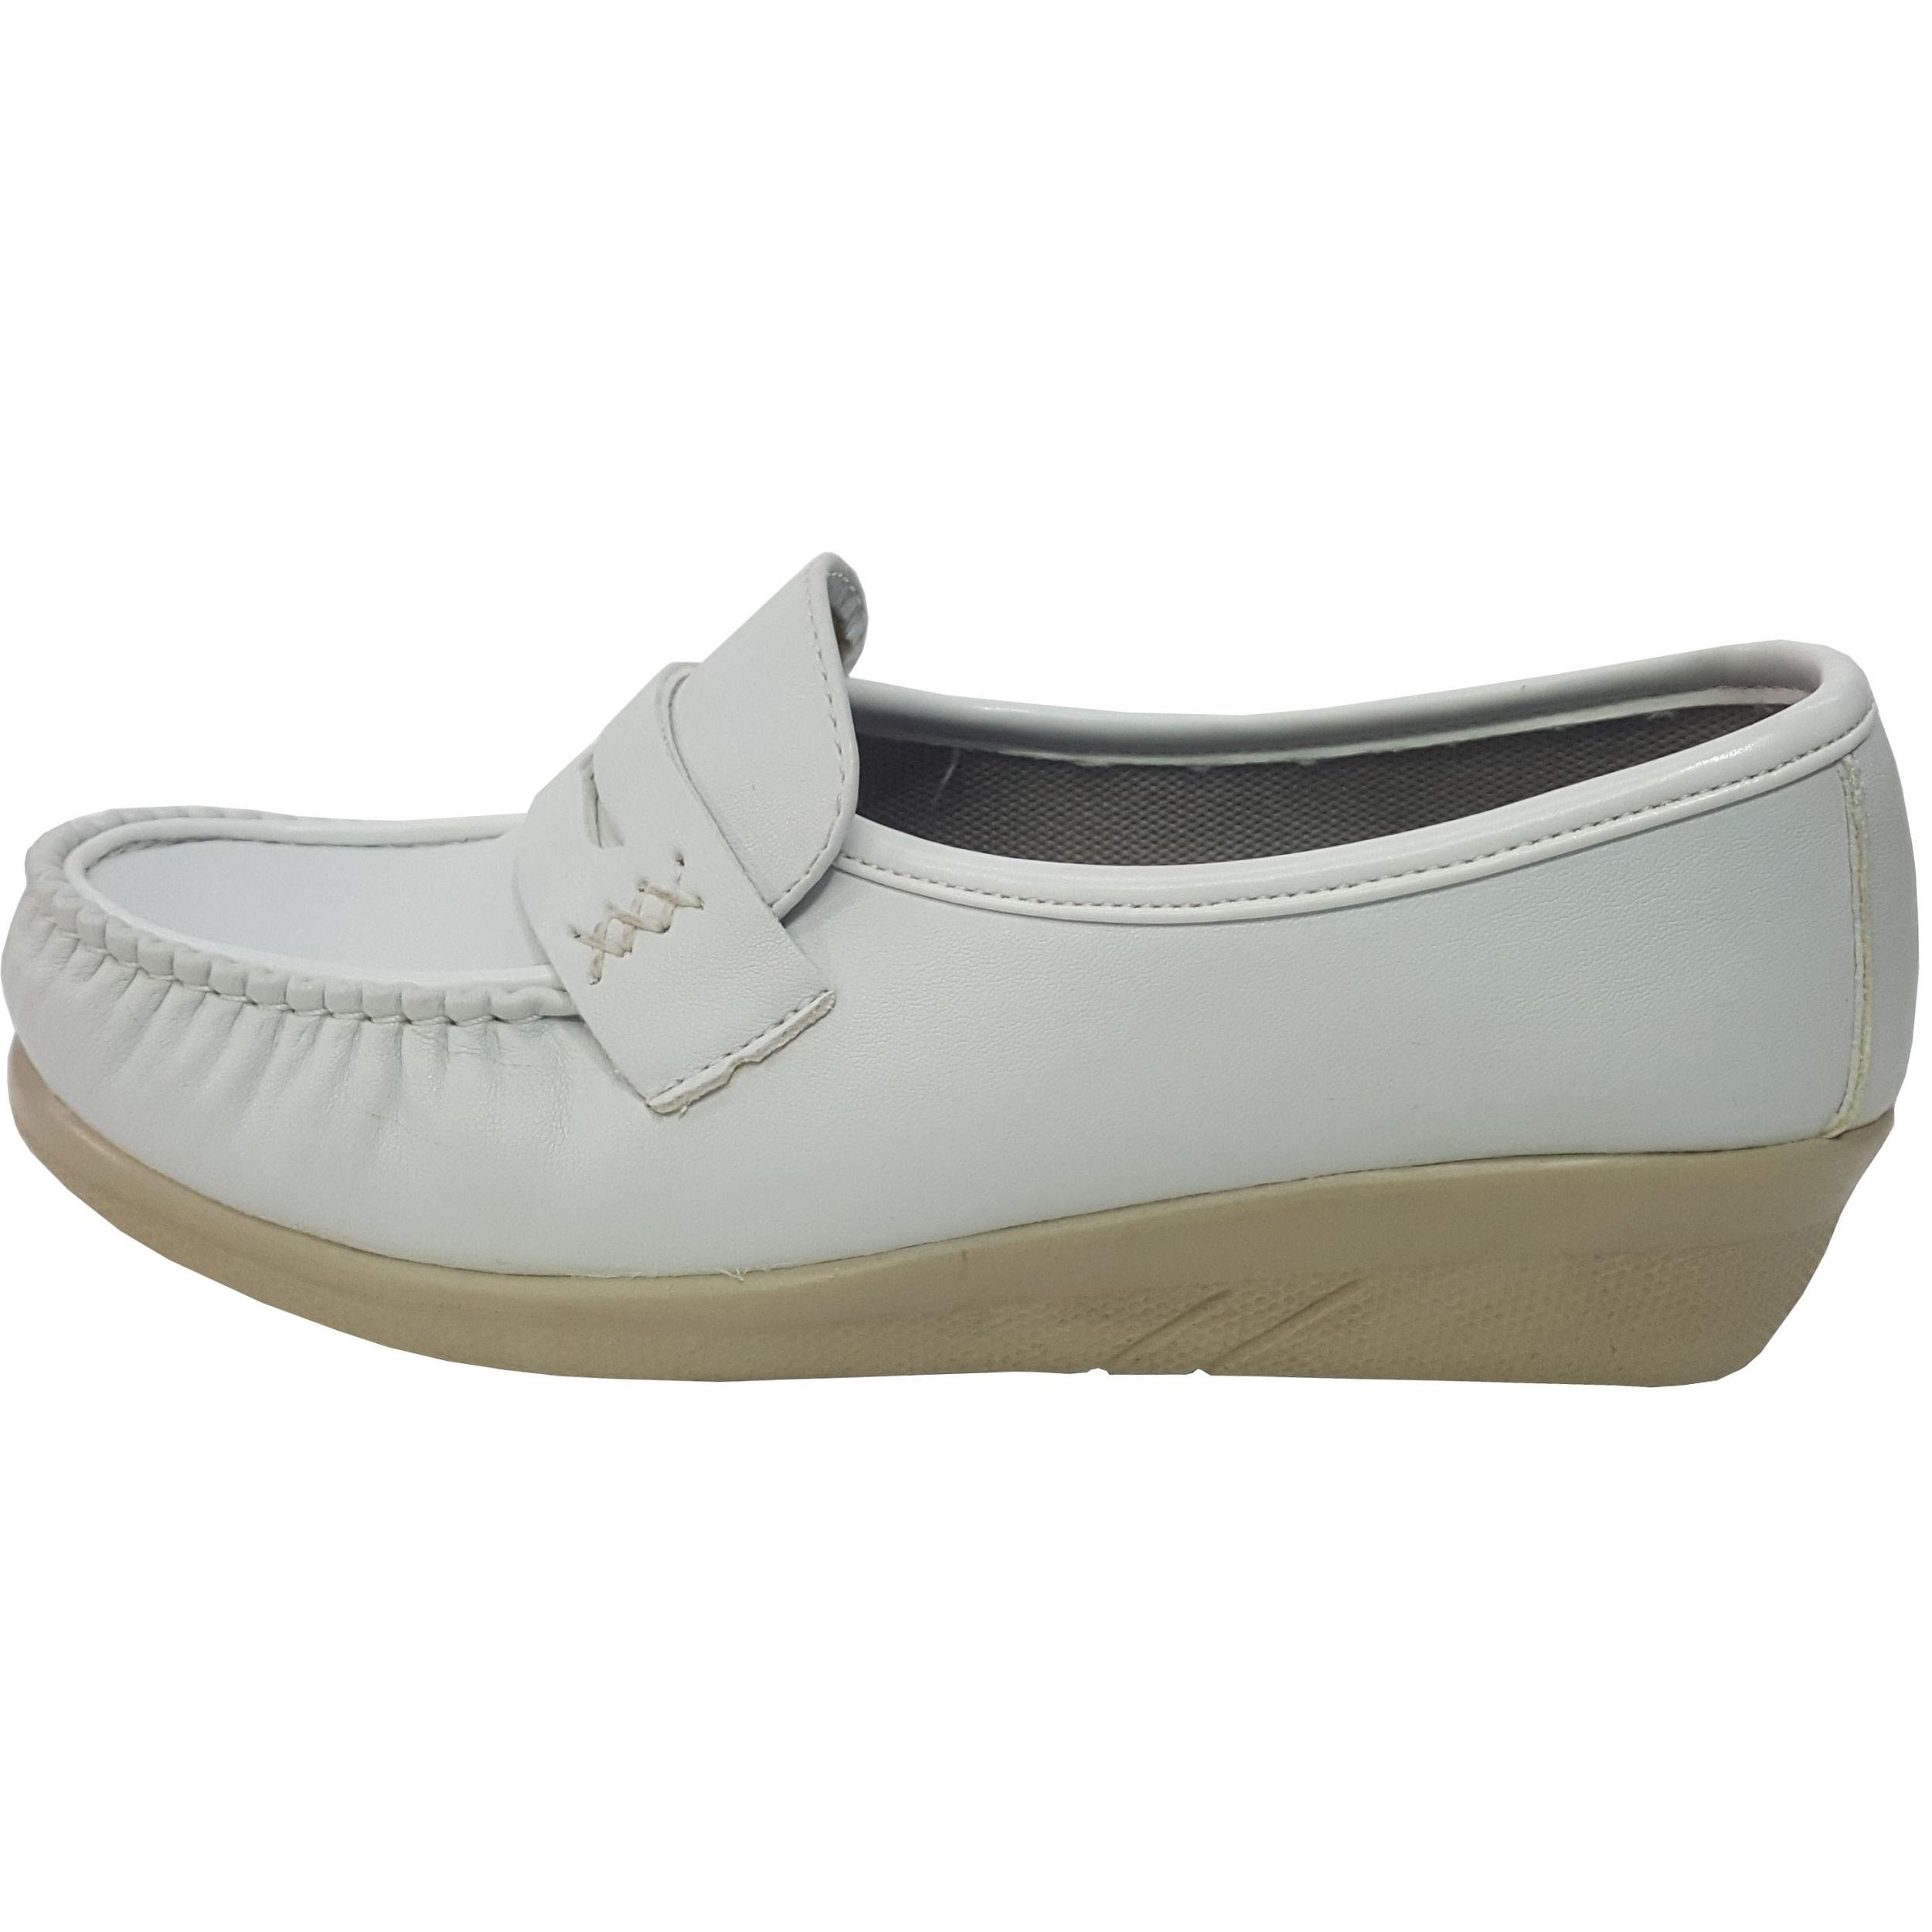 کفش طبی زنانه کد 56